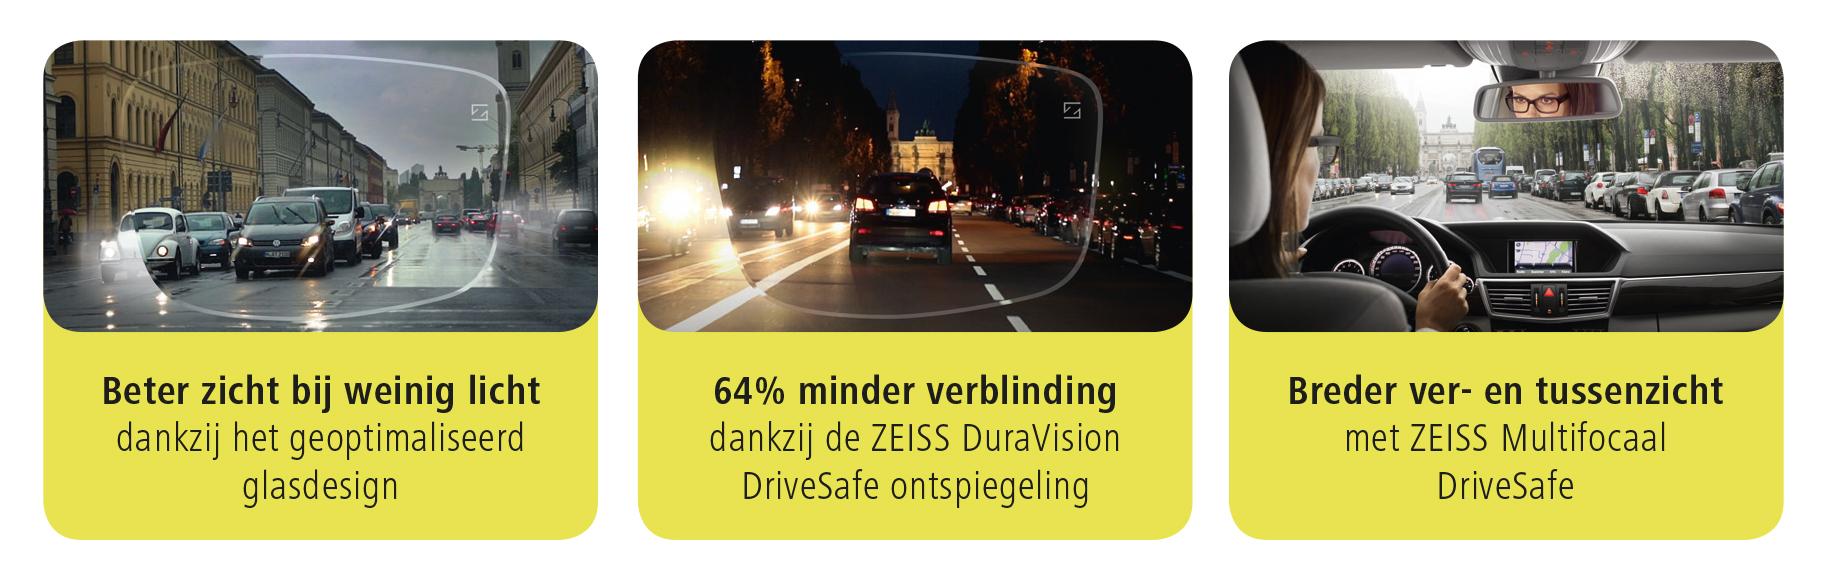 ZEISS-DriveSafe-voordelen